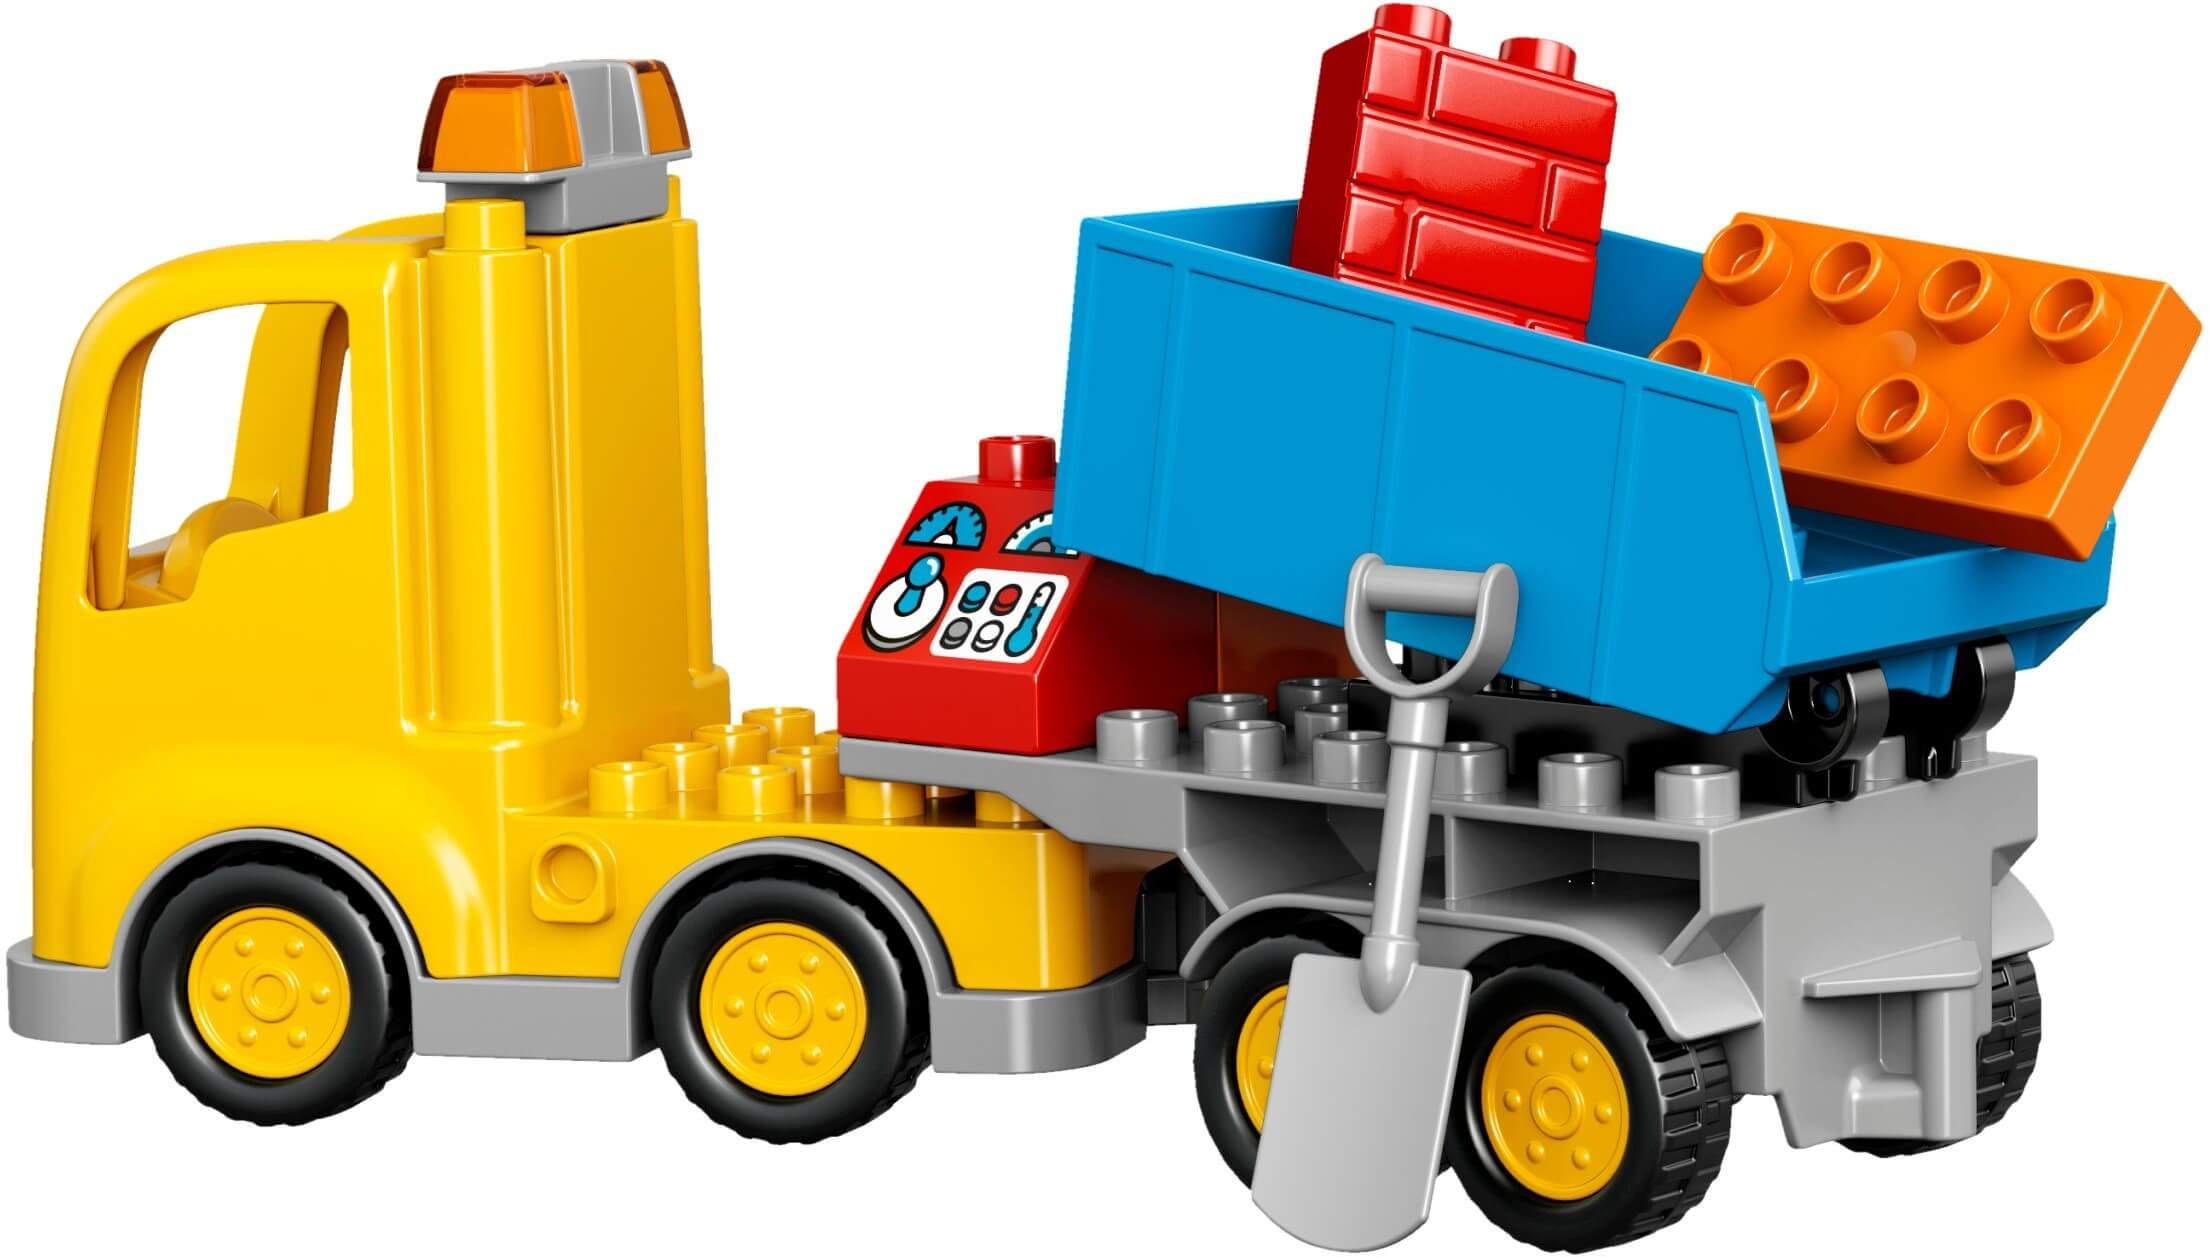 Mua đồ chơi LEGO 10813 - LEGO DUPLO 10813 - Công Trường Xây Dựng Khổng Lồ của Bé (LEGO DUPLO Big Construction Site 10813)